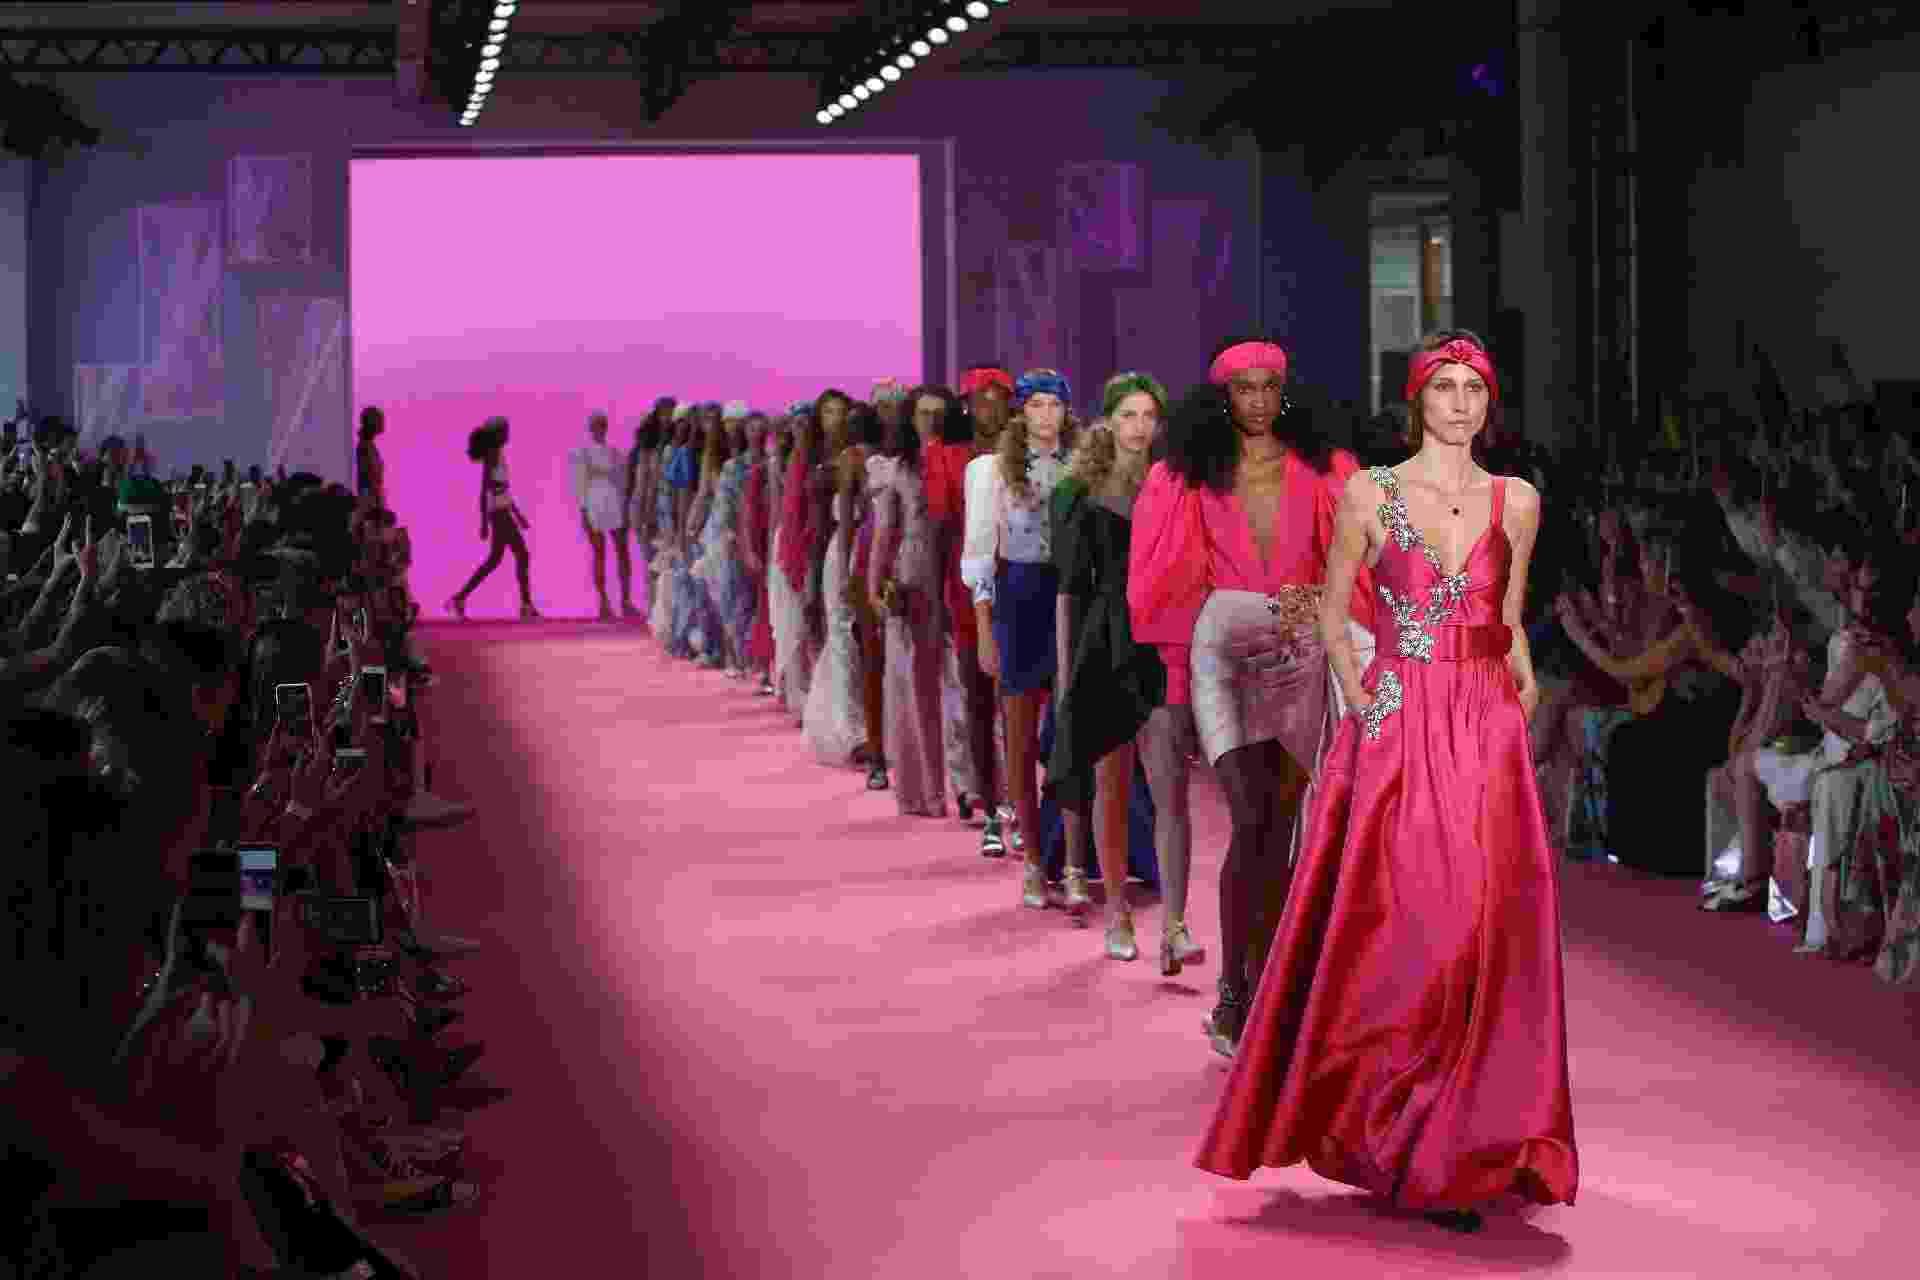 Com direção criativa de Patricia Bonaldi e uma primeira fila repleta de influenciadoras, a marca propôs um verão cor de rosa, com direito a passarela e fundo do desfile em tons vibrantes de pink. - RODRIGO MORAES/THENEWS2/ESTADÃO CONTEÚDO